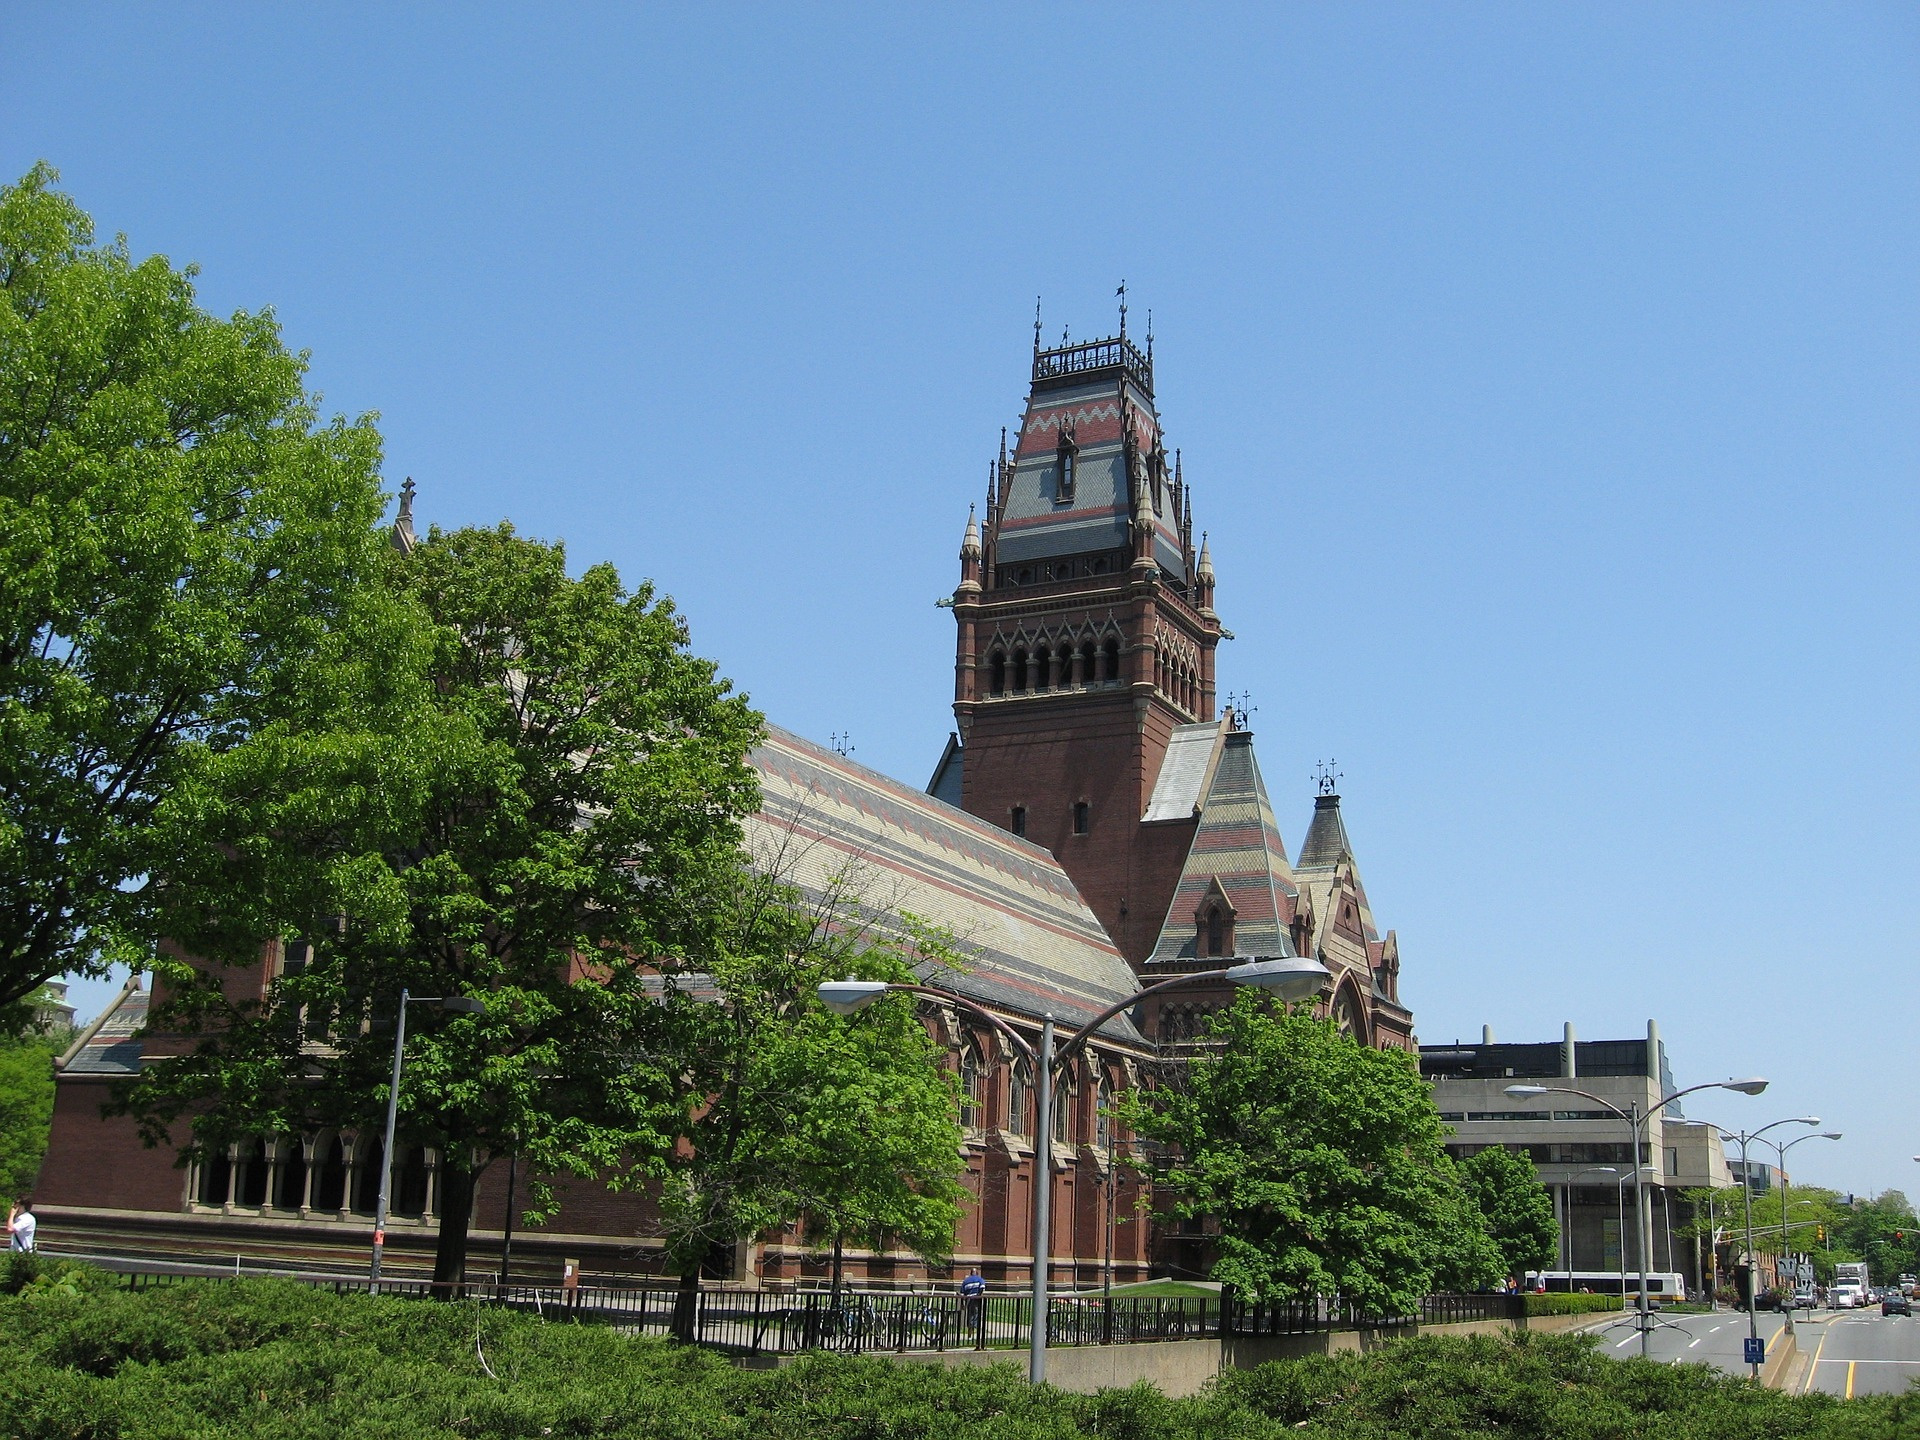 ハーバード大学・MITキャンパスツアー